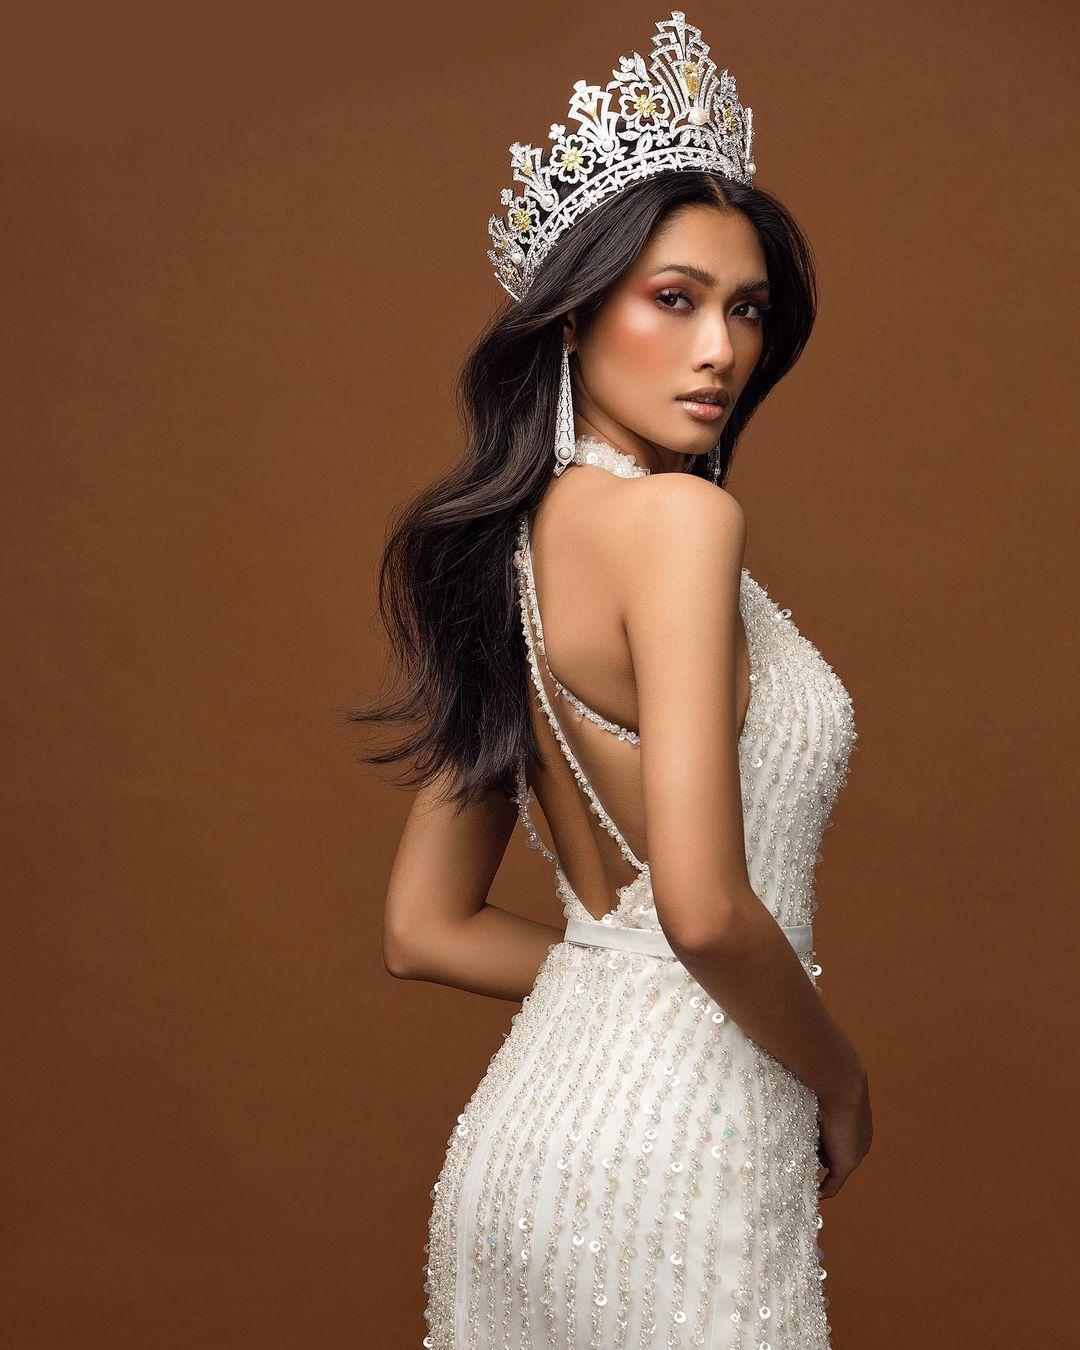 Miss Myanmar, Candy Thuzar, Thuzar Wint Lwin, Miss Universe